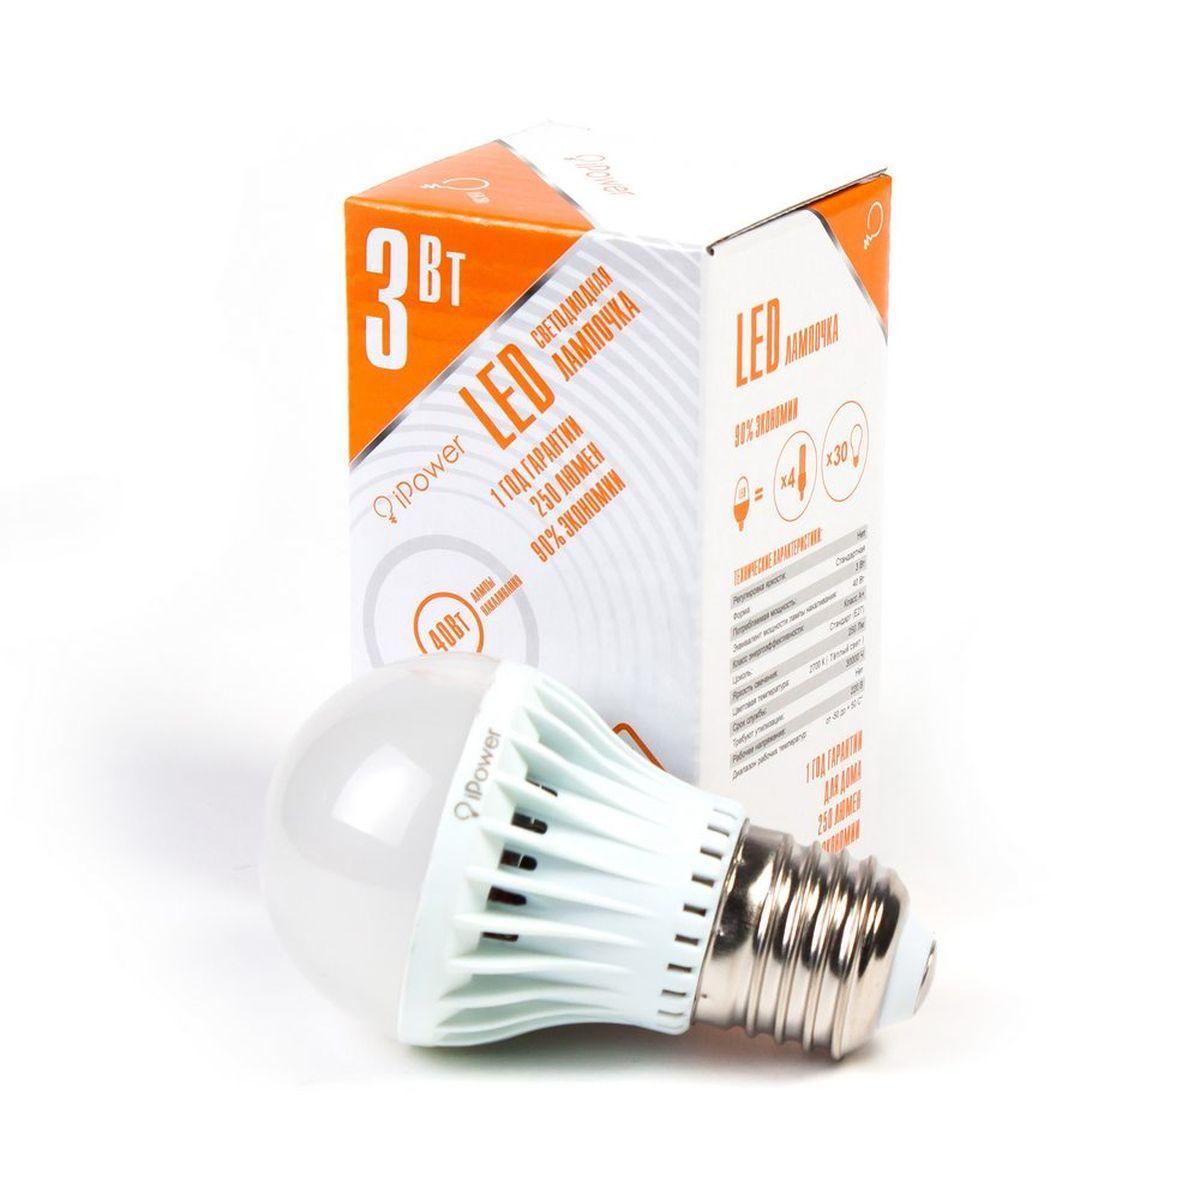 Лампа светодиодная IPower LED, цоколь Е27, 3W, 2700К теплый свет1001946Светодиодная лампочка iPower IPHB3W2700KE27 LED лампочка iPower имеет очень низкое энергопотребление, в сравнении с лампами накаливания LED потребляет в 12 раз меньше электричества, а в сравнении с энергосберегающими в 2-4 раз меньше. При этом срок службы LED лампочки в 5 раз выше, чем энергосберегающей, и в 50 раз выше, чем у лампы накаливания. Светодиодные лампочки iPower создают мягкий рассеивающий свет без мерцаний, что совершенно безопасно для глаз. Они специально разработаны по требованиям российских и европейских законов и подходят ко всем осветительным устройствам, совместимым со стандартным цоколем E27. Габариты 29x29x22 Гарантия 12 мес. Диапазон рабочих температур от -50 до +50 °С Материал Поликарбонат ПартНомер ZGB-QP50S-3 2700K Потребляемая мощность 3 Вт Рабочее напряжение, В 220В Размер 50*88 мм Регулировка яркости Нет Световая температура 2700К (Тёплый свет) Срок службы 30000 часов Тип упаковки Цветная коробка ...